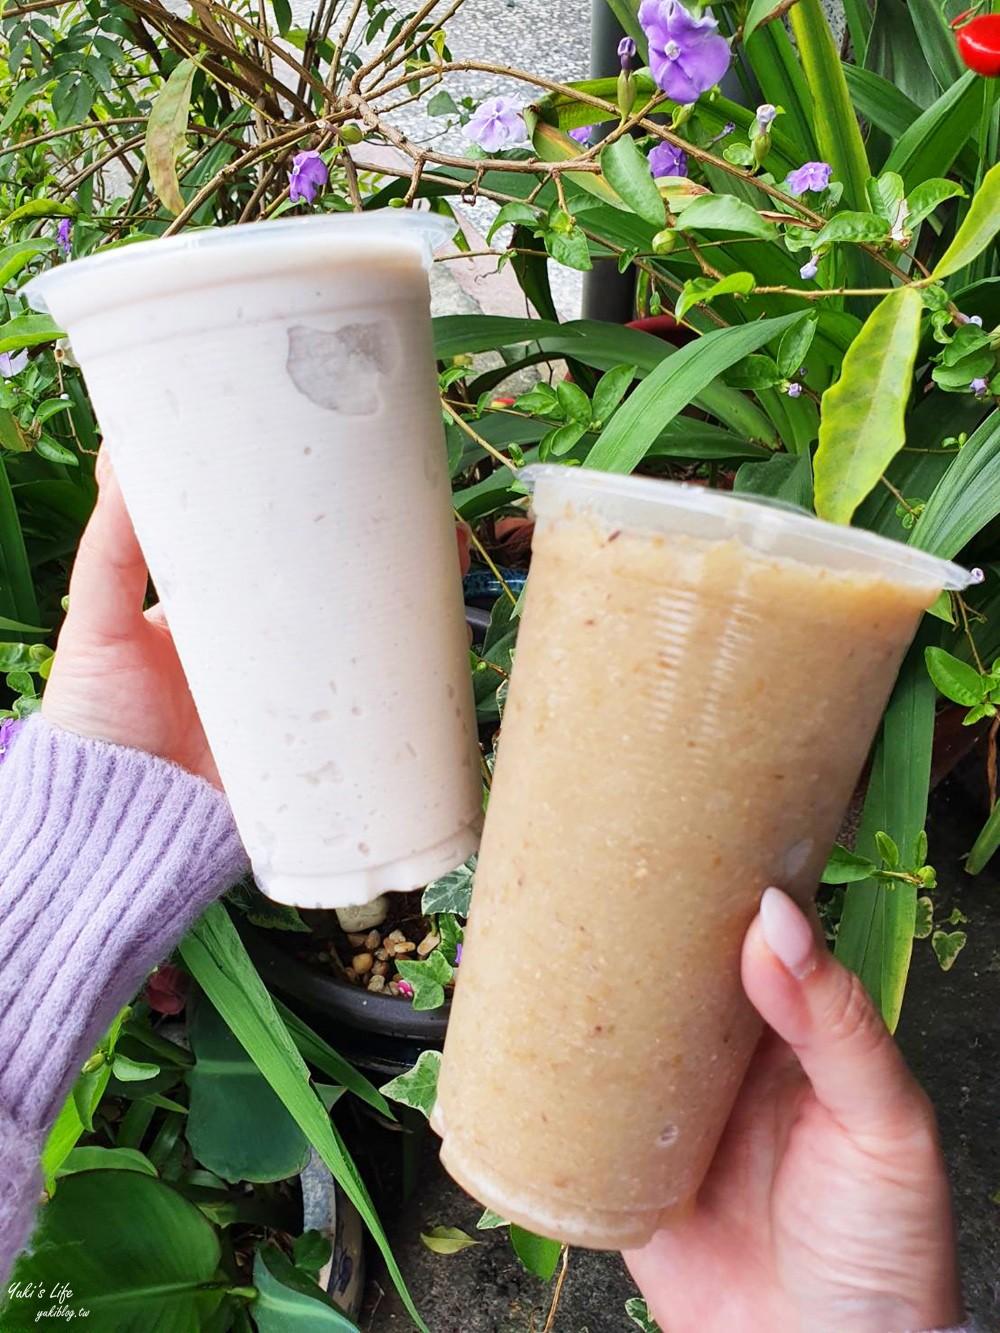 宜蘭頭城美食》阿丹芋頭牛奶冰~頭城老街美食,便宜大杯700cc喝超飽! - yukiblog.tw